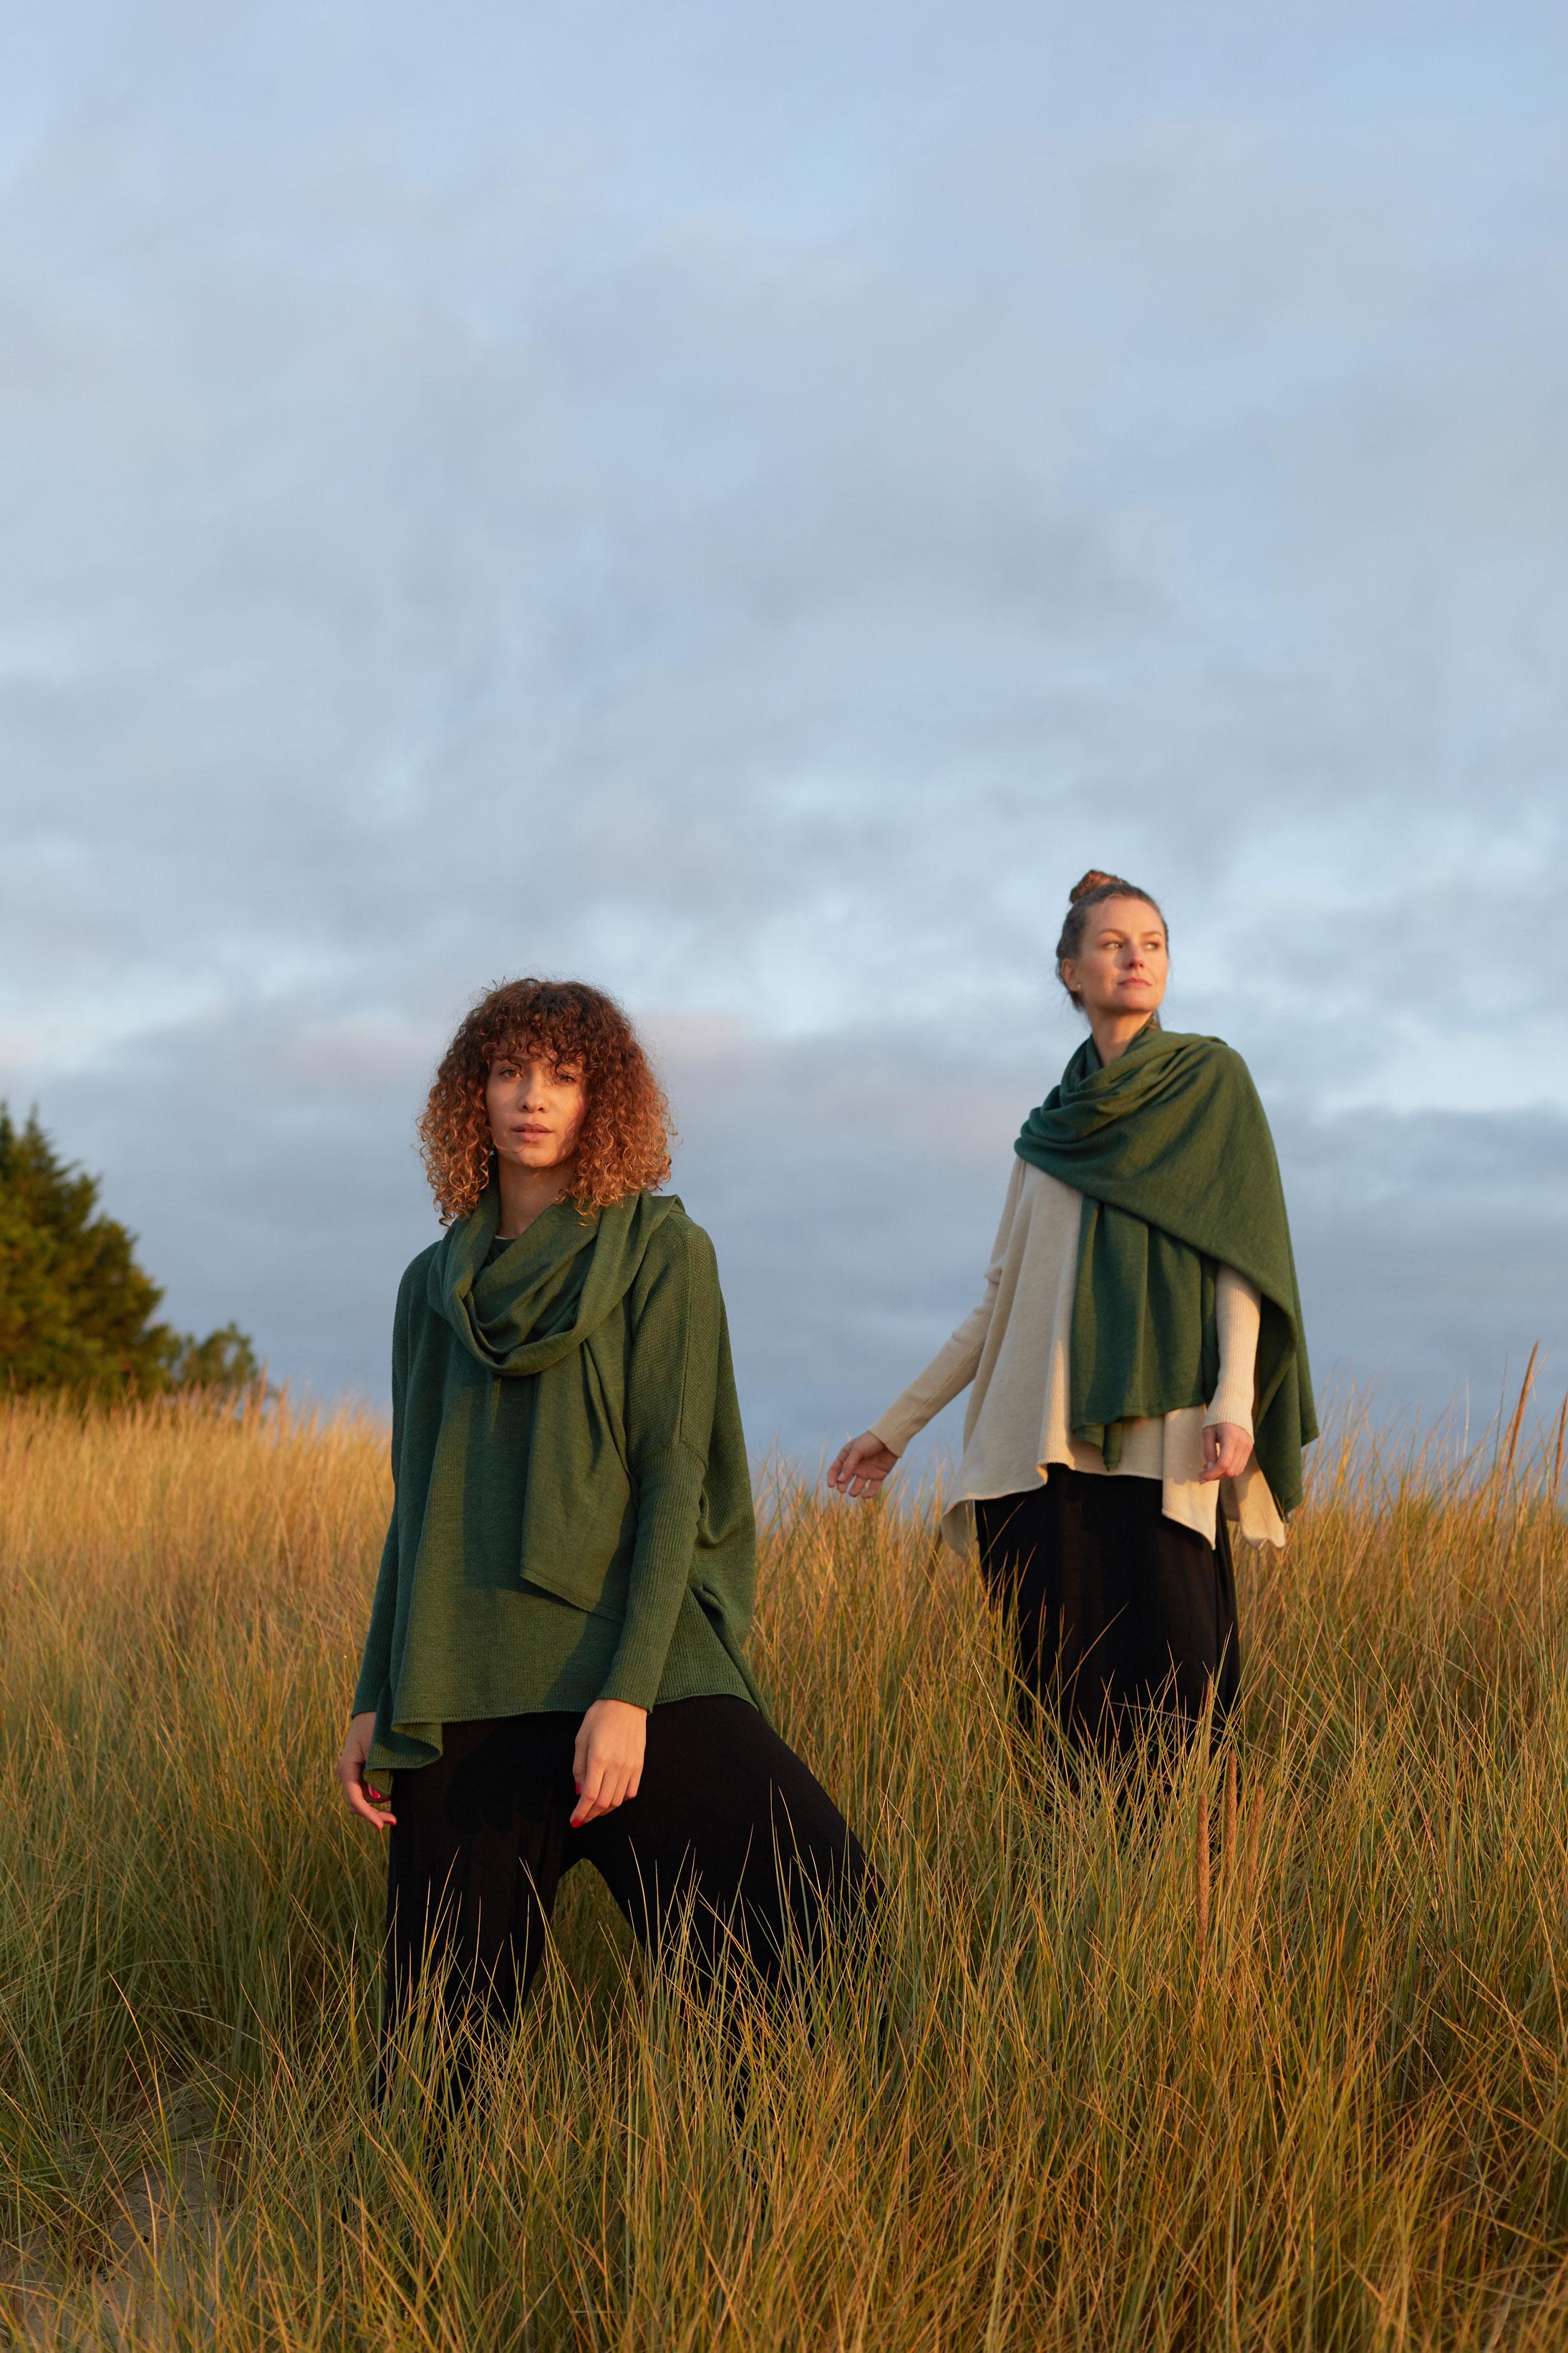 photographe de mode pour campagne publicitaire - production à Rennes